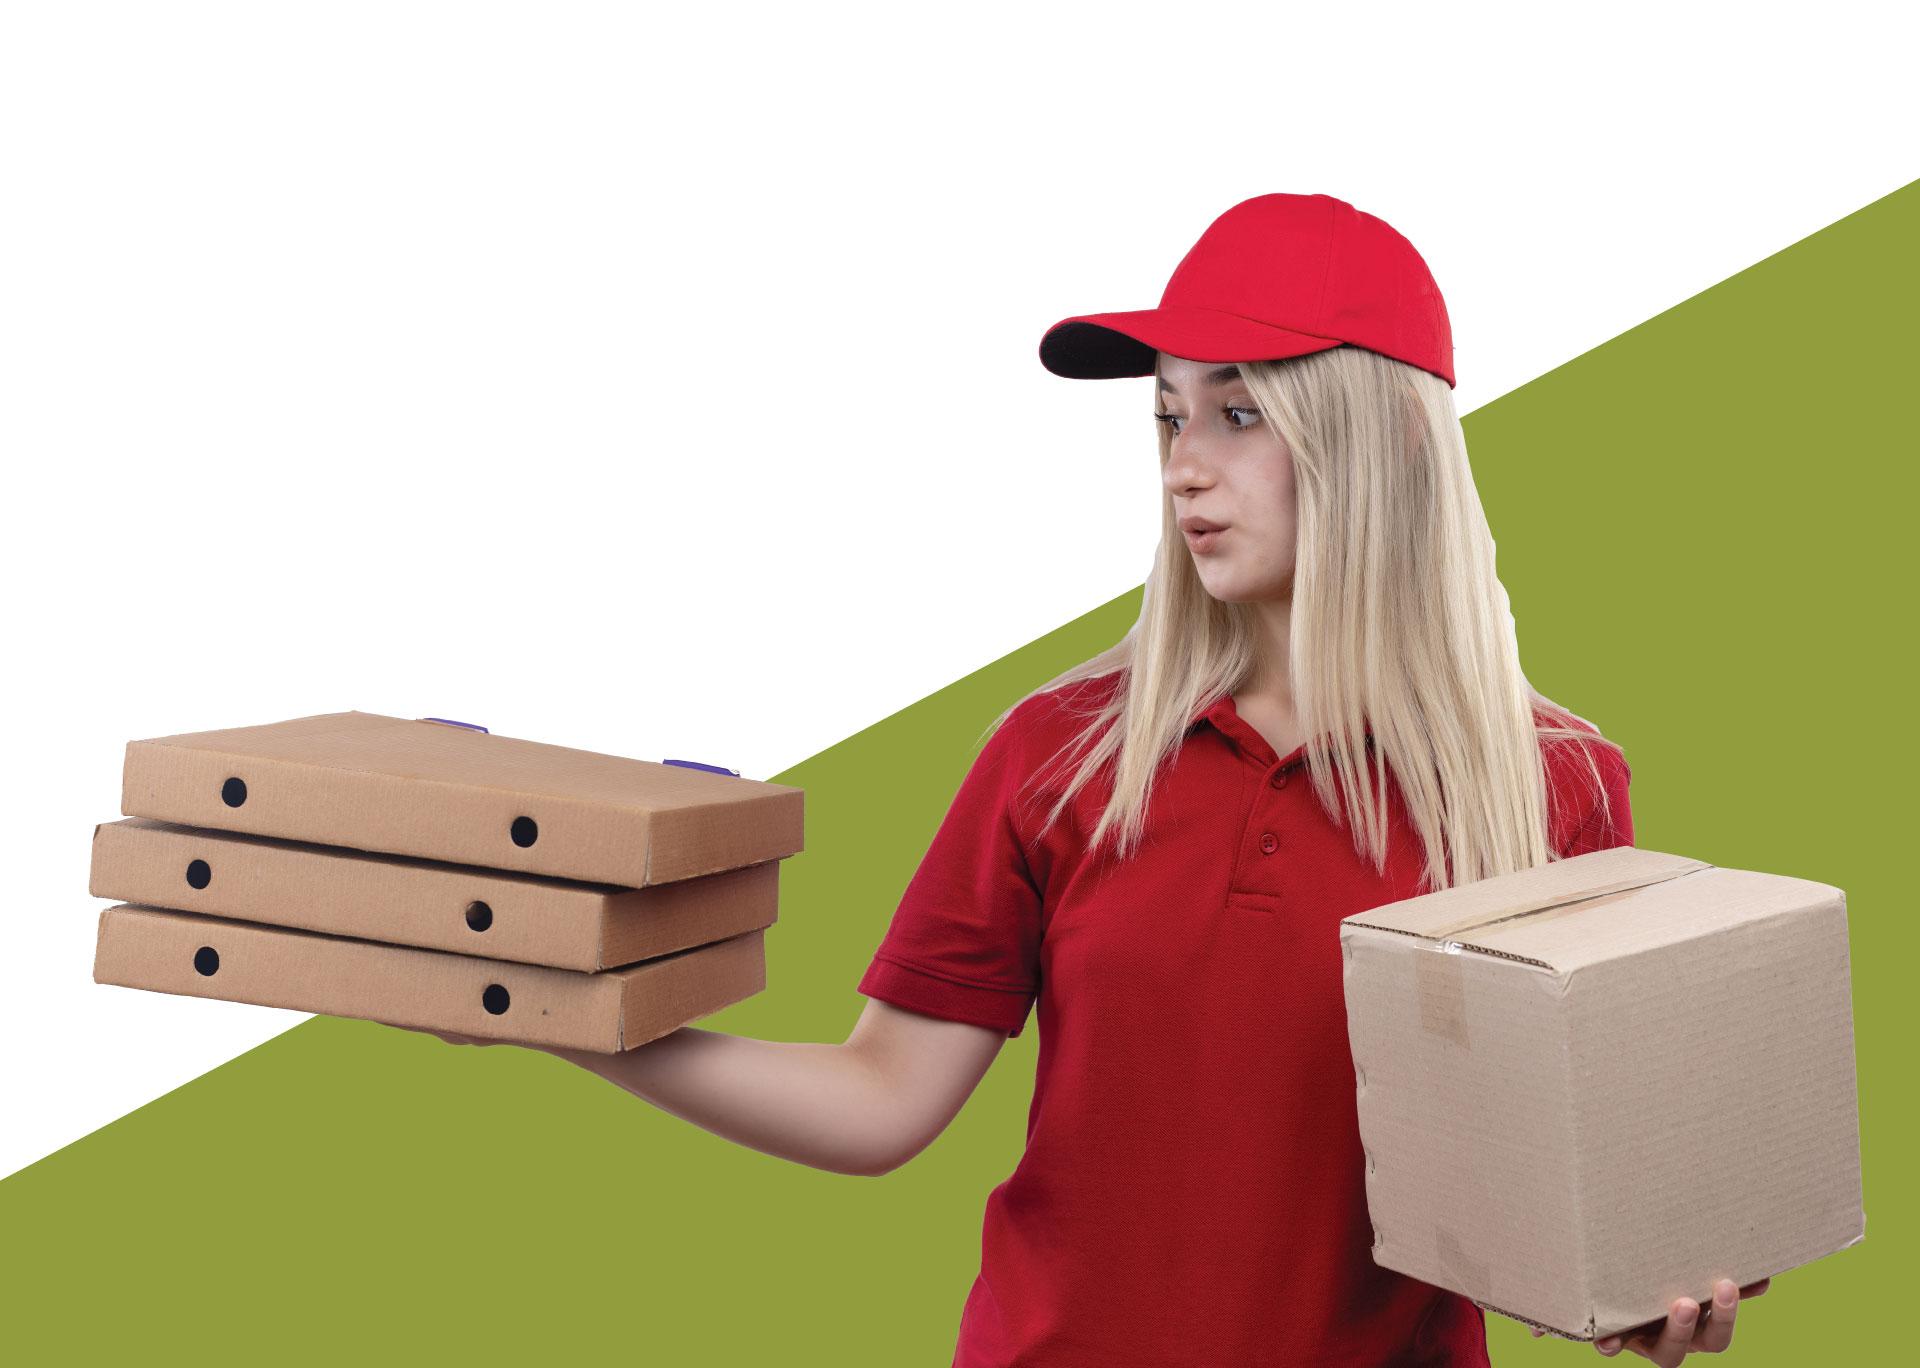 اصول طراحی و ساختار جعبه پیتزا از گذشته تاکنون